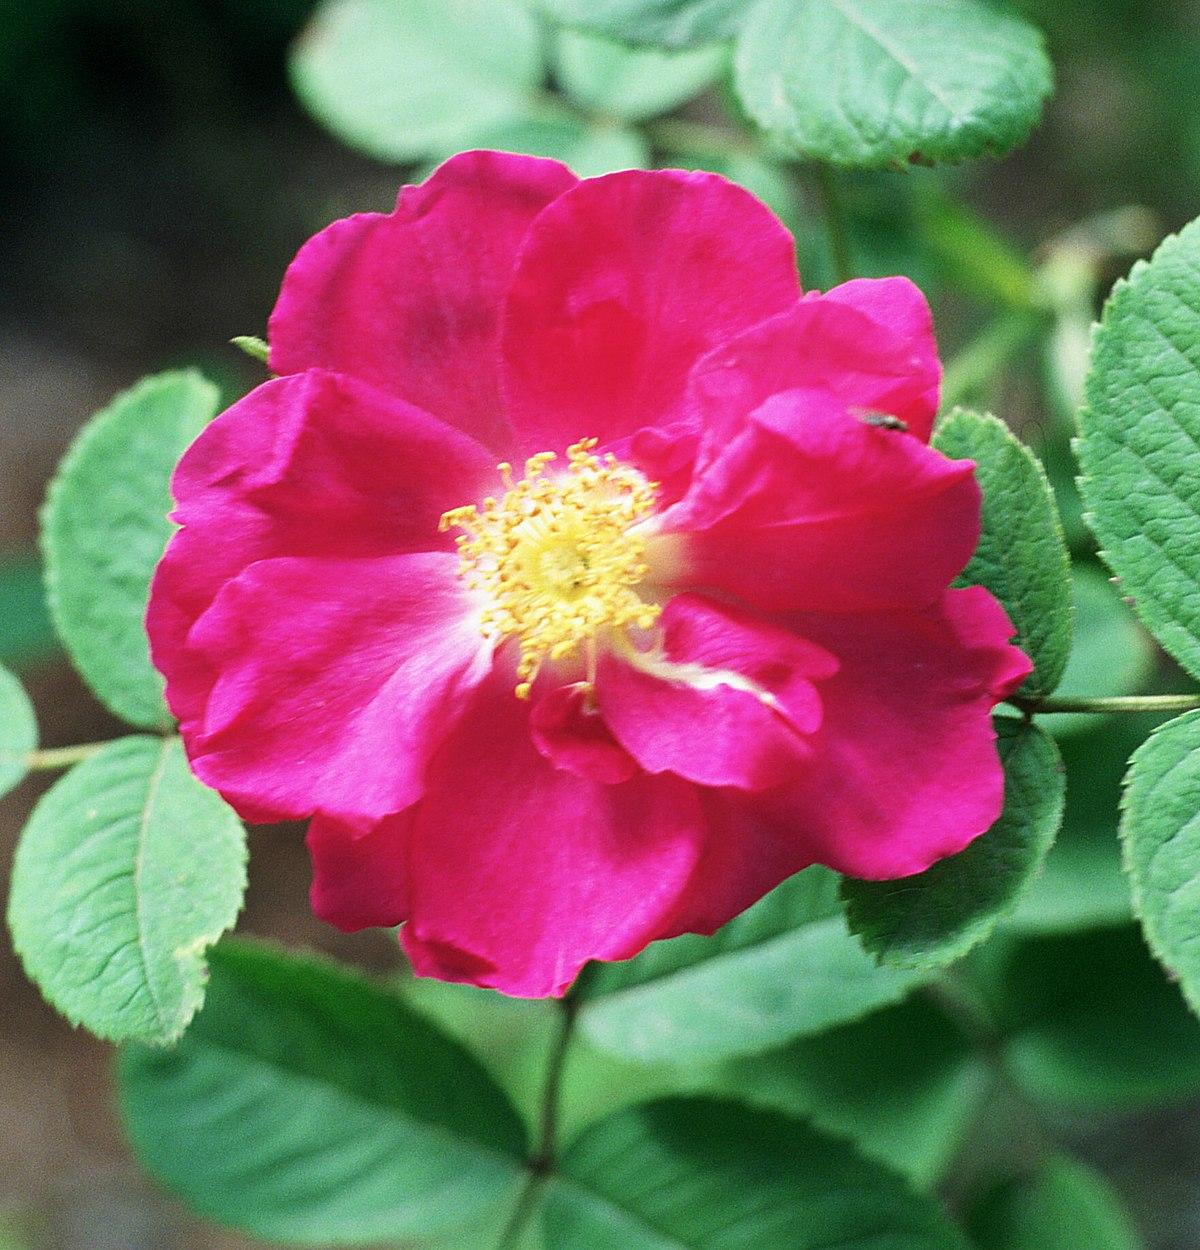 Róża Wikicytaty